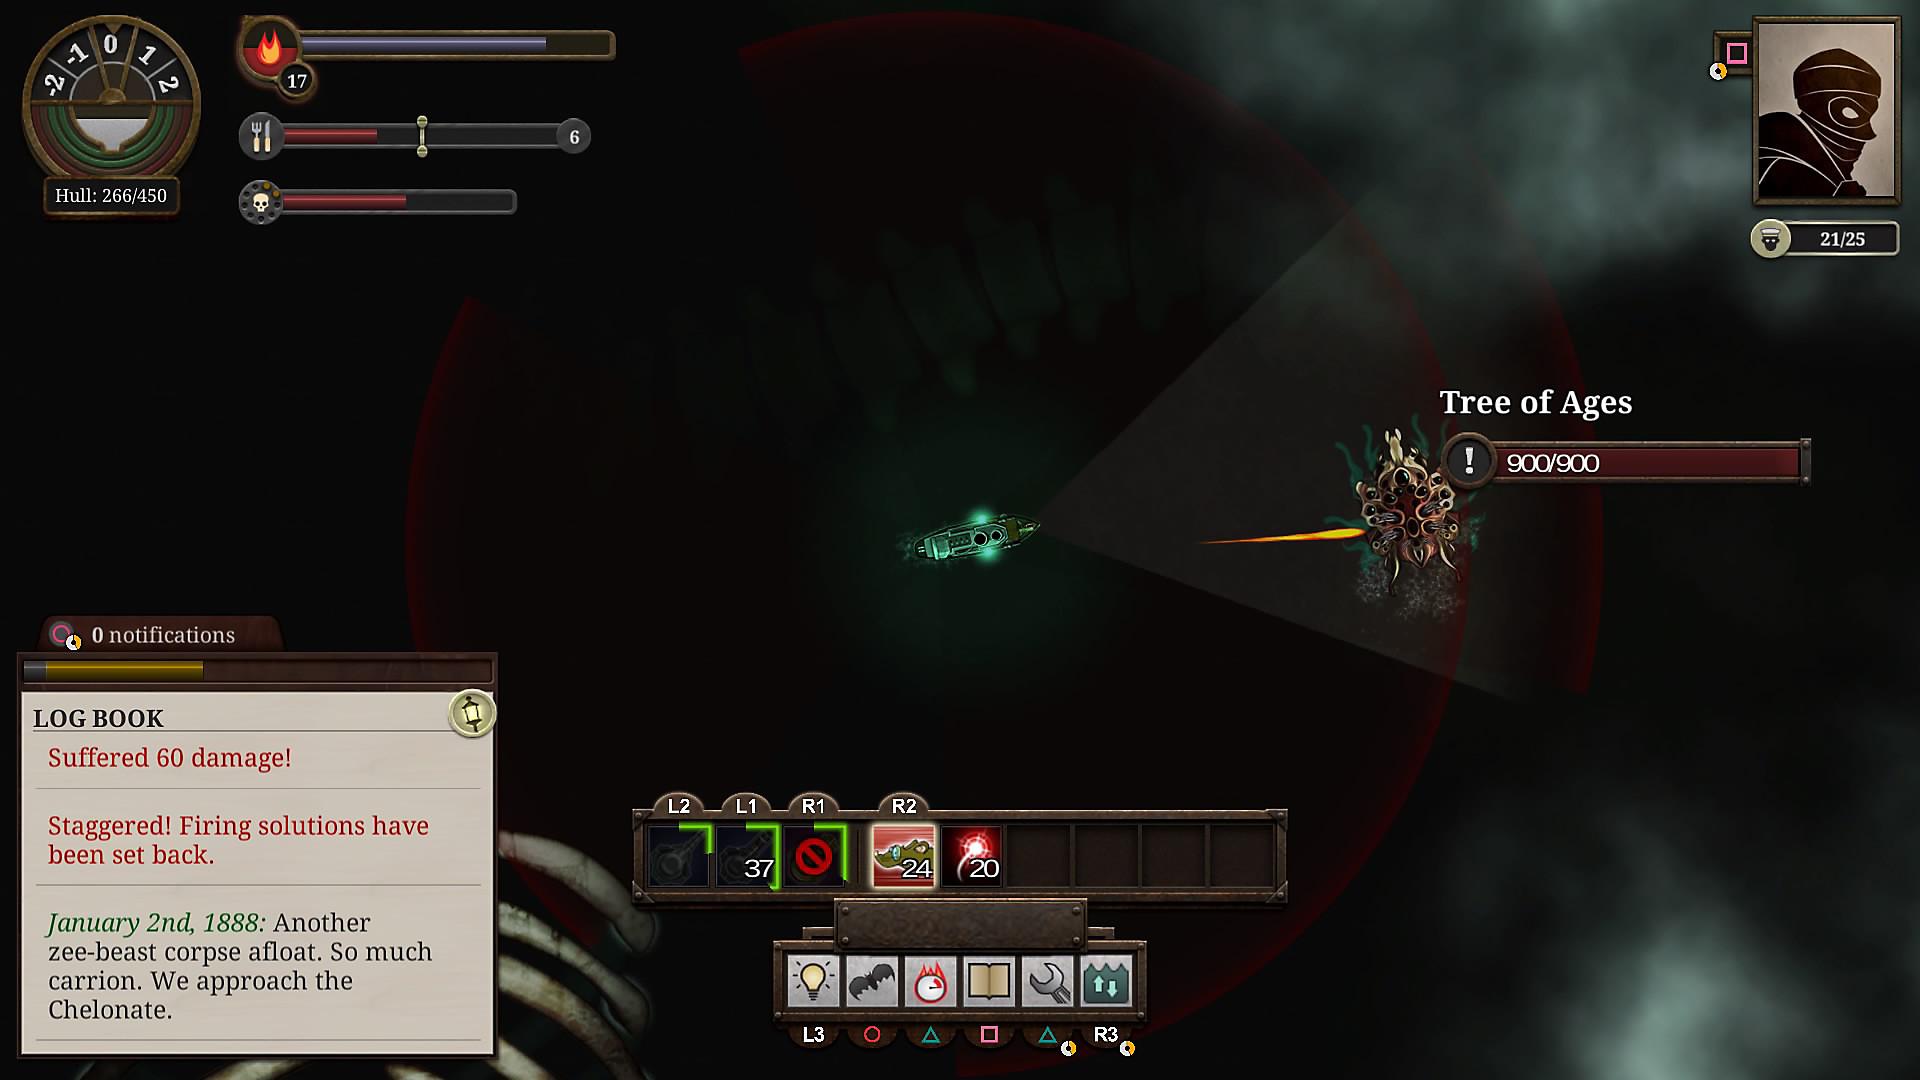 Скриншот к игре Sunless Sea v.2.2.7.3165 [GOG] (2015) скачать торрент Лицензия